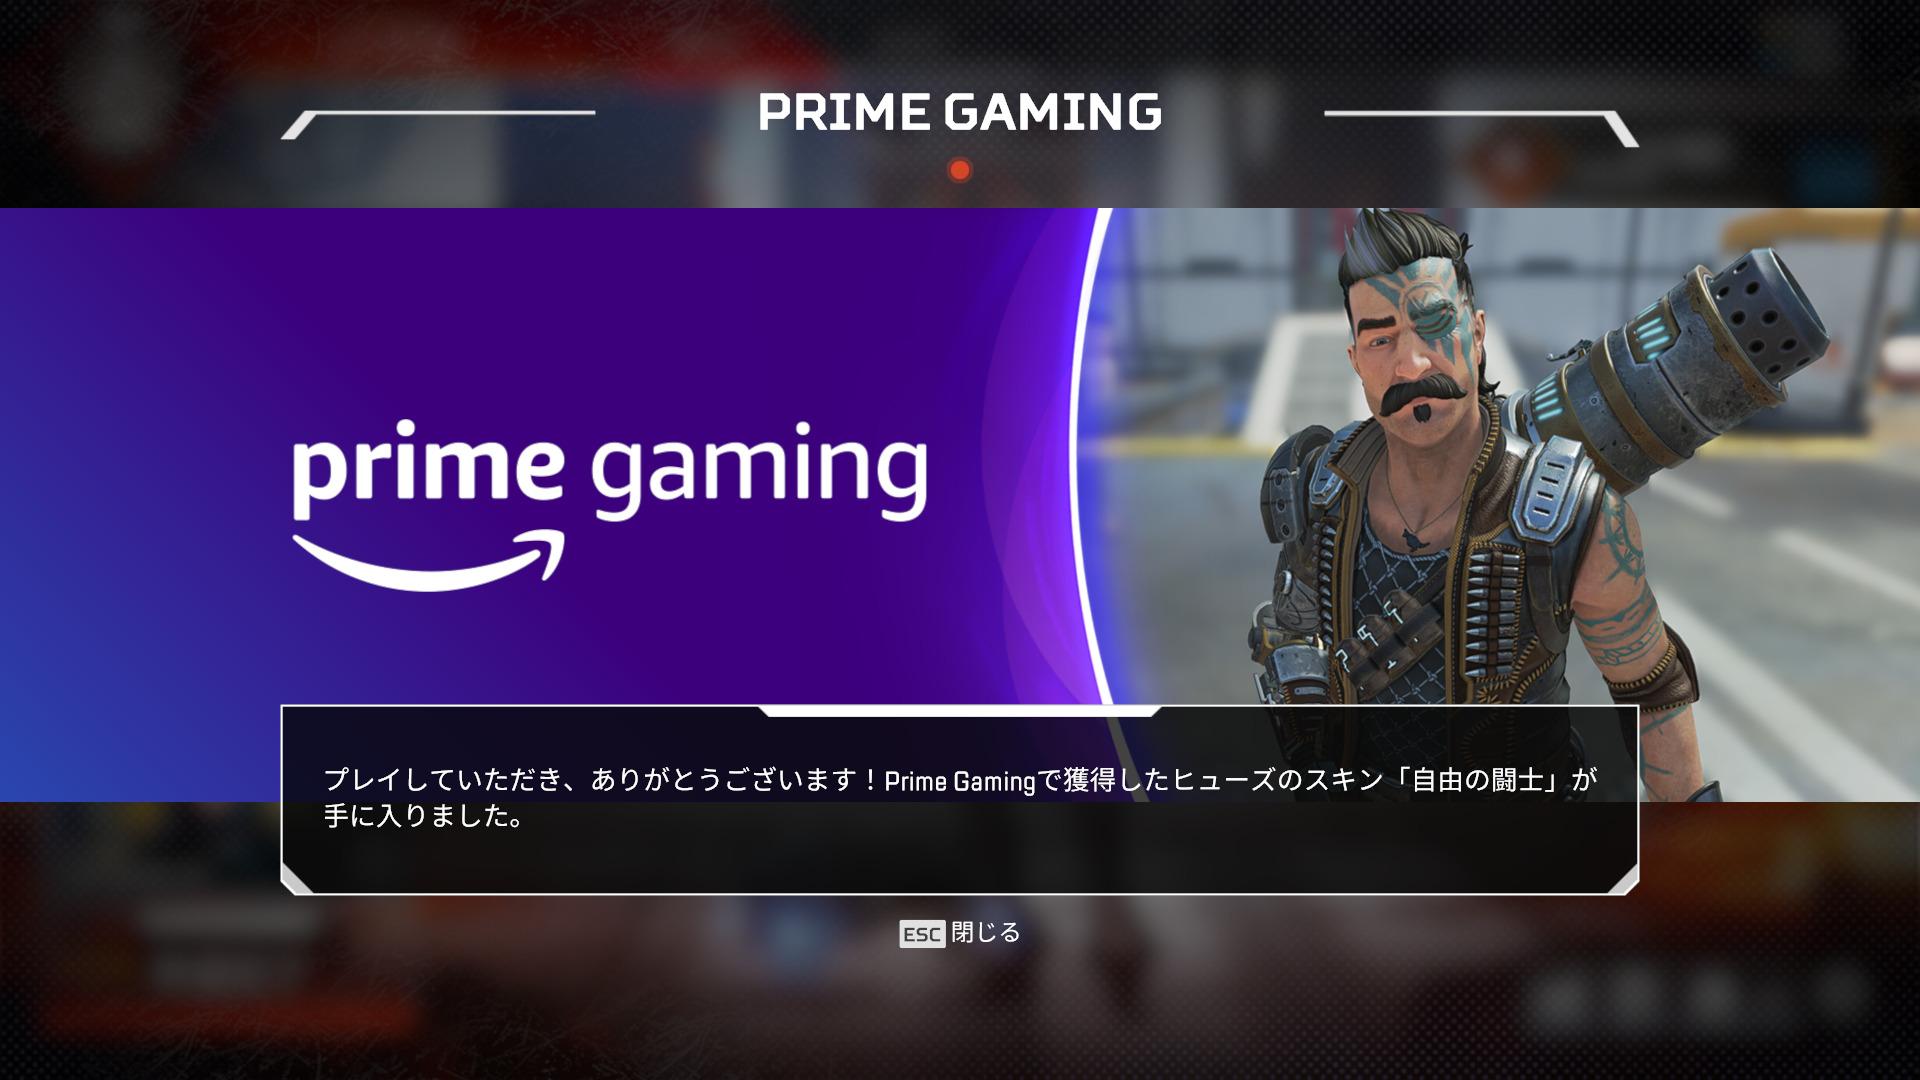 【速報】「ヒューズ」のTwitch Prime限定スキンが登場!!ゲーム内での見え方画像や、入手方法など